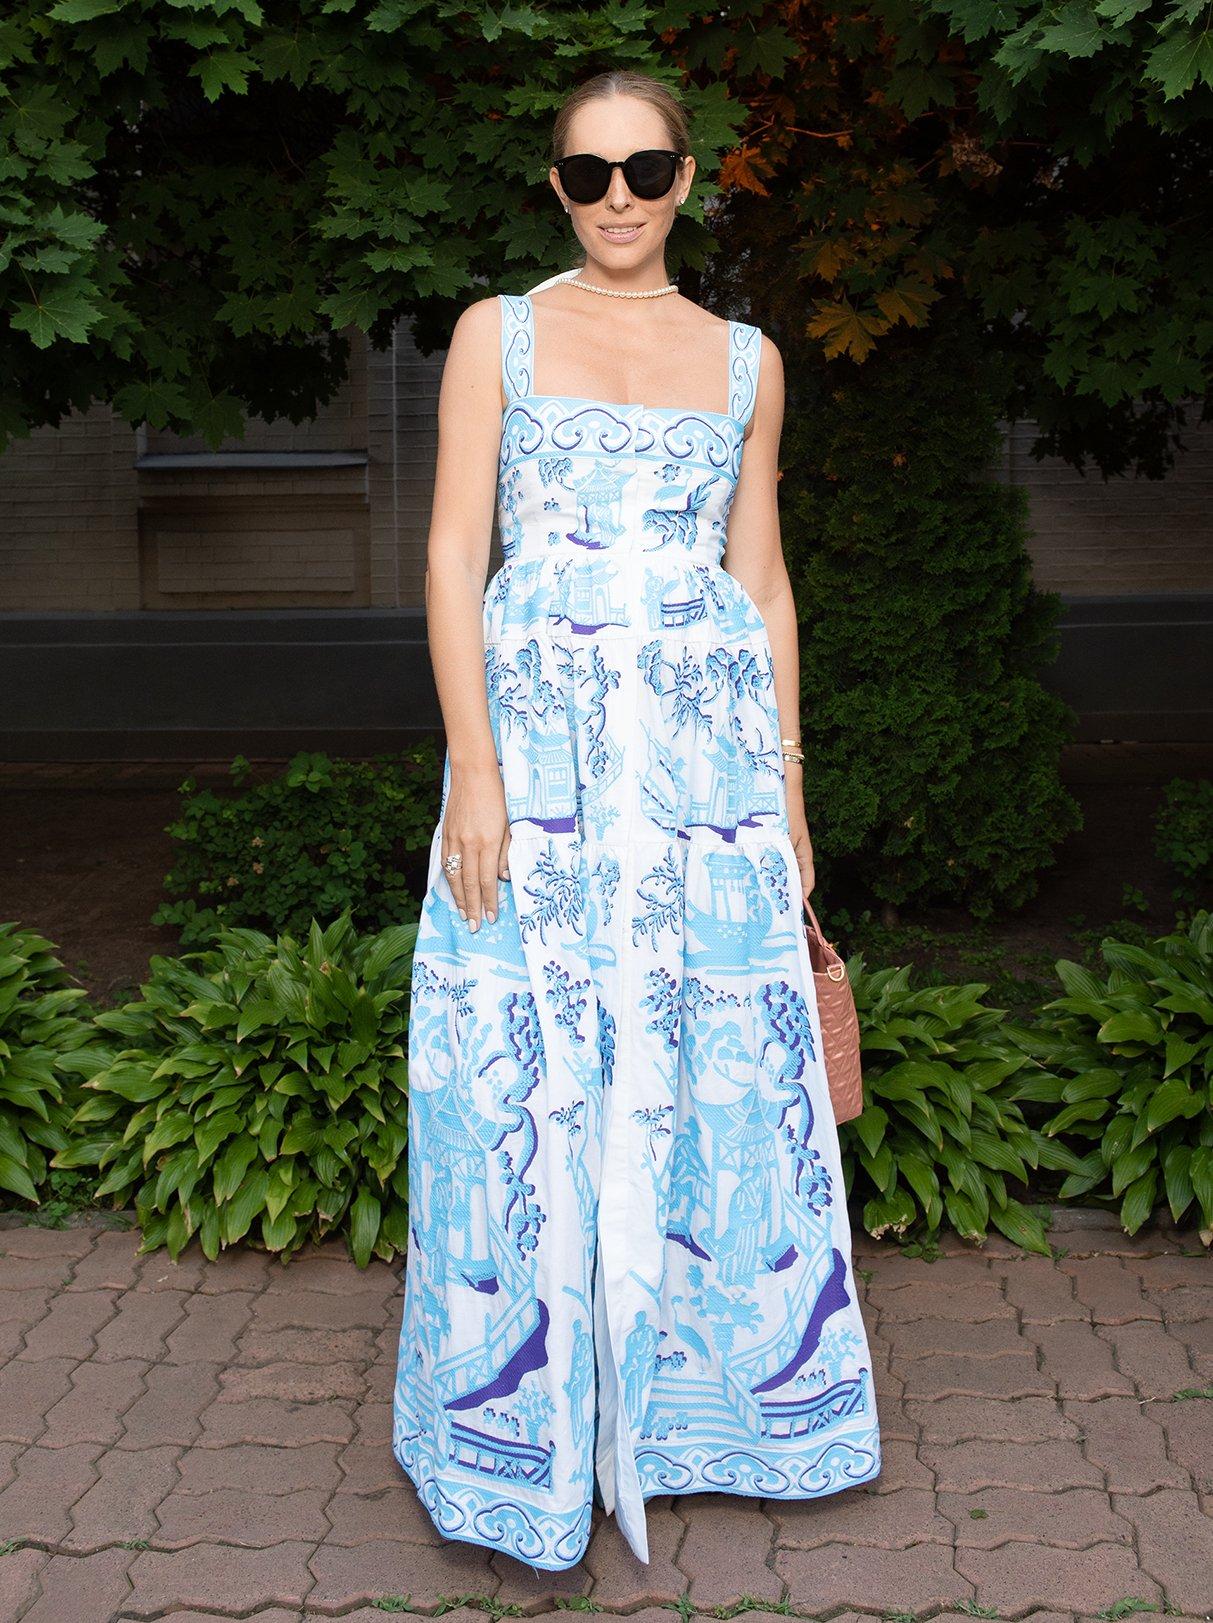 Скрыть уже не получается: Катя Осадчая умилила своим внешним видом в цветочном платье